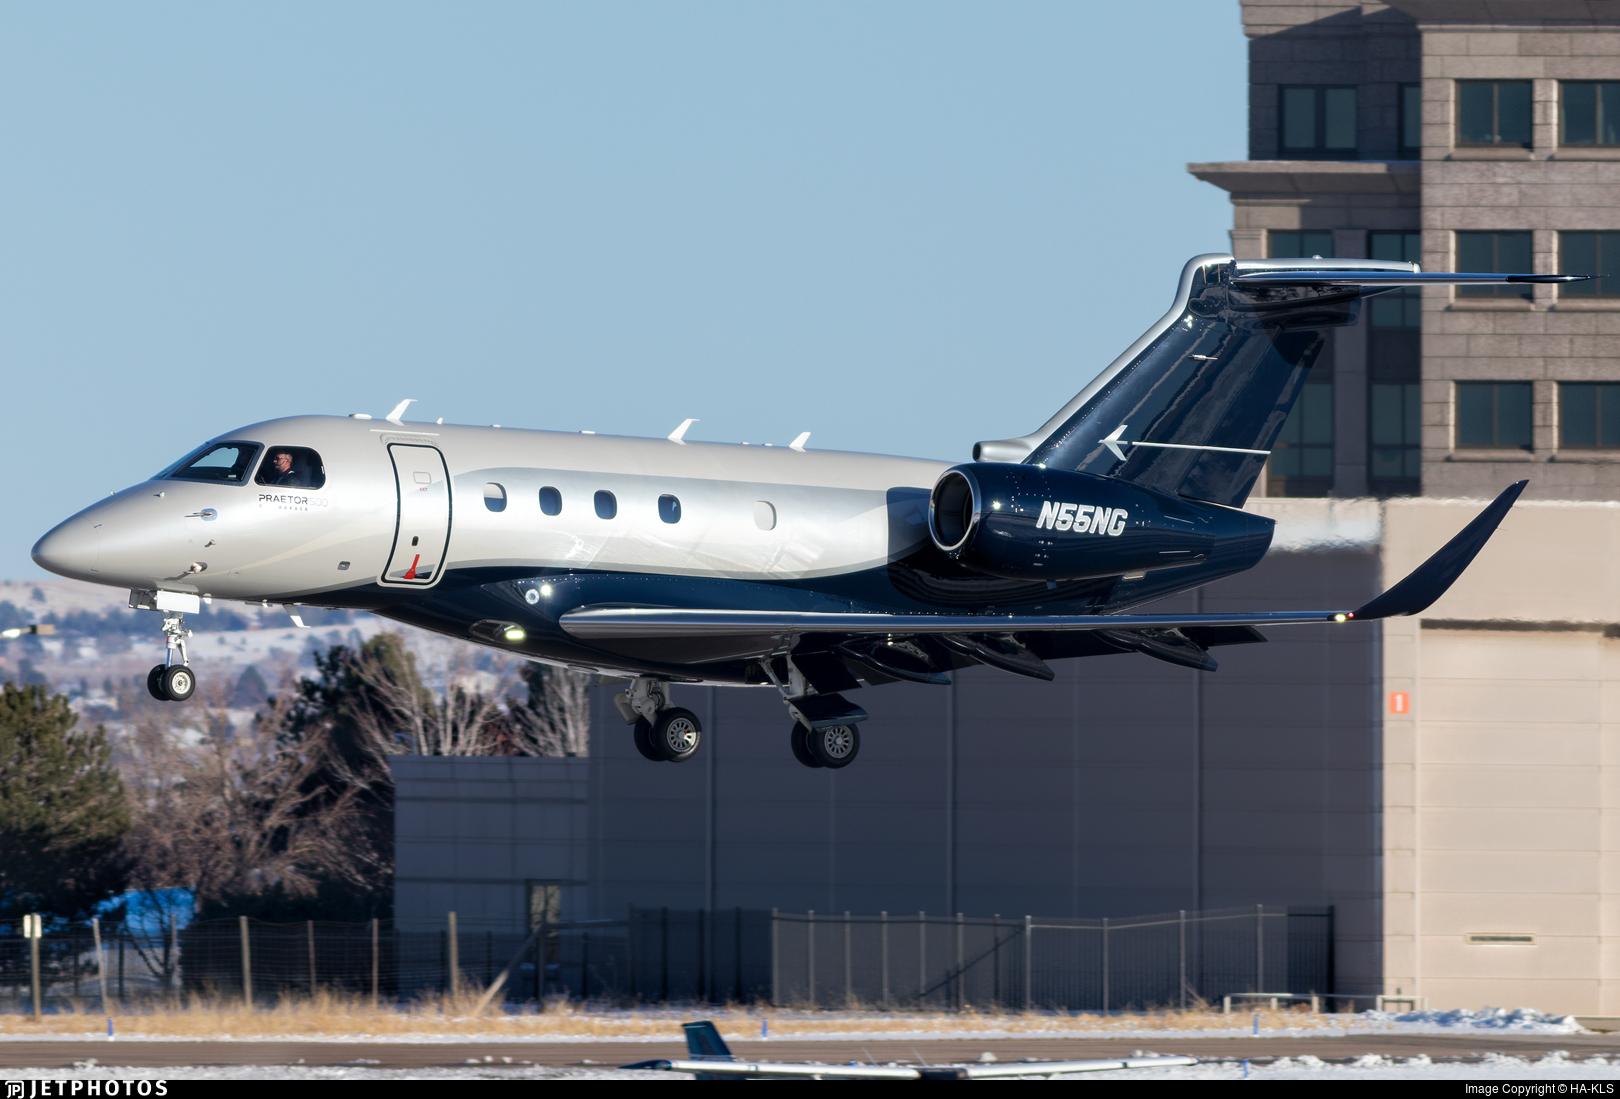 N55NG - Embraer EMB-545 Praetor 500 - Private